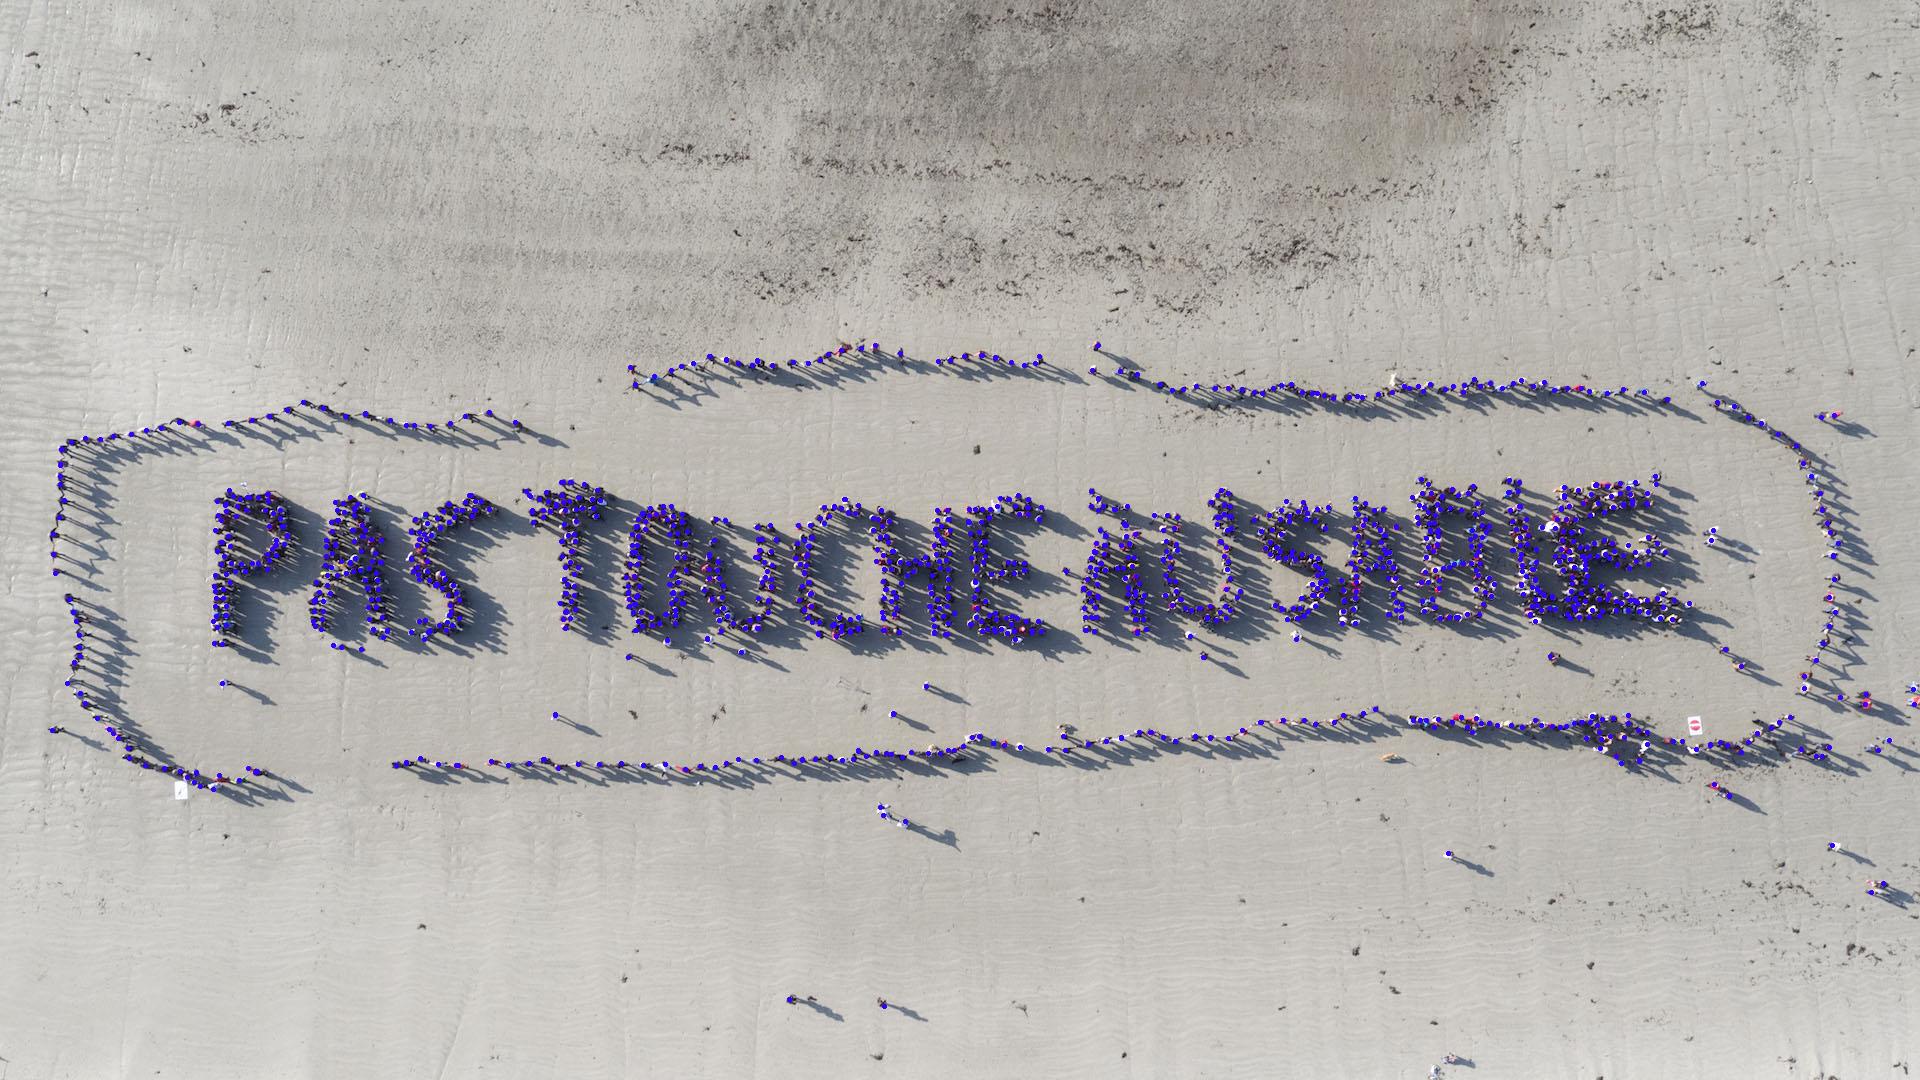 Extraction de sable, on arrête les dégâts... pour le moment [10/11/16]